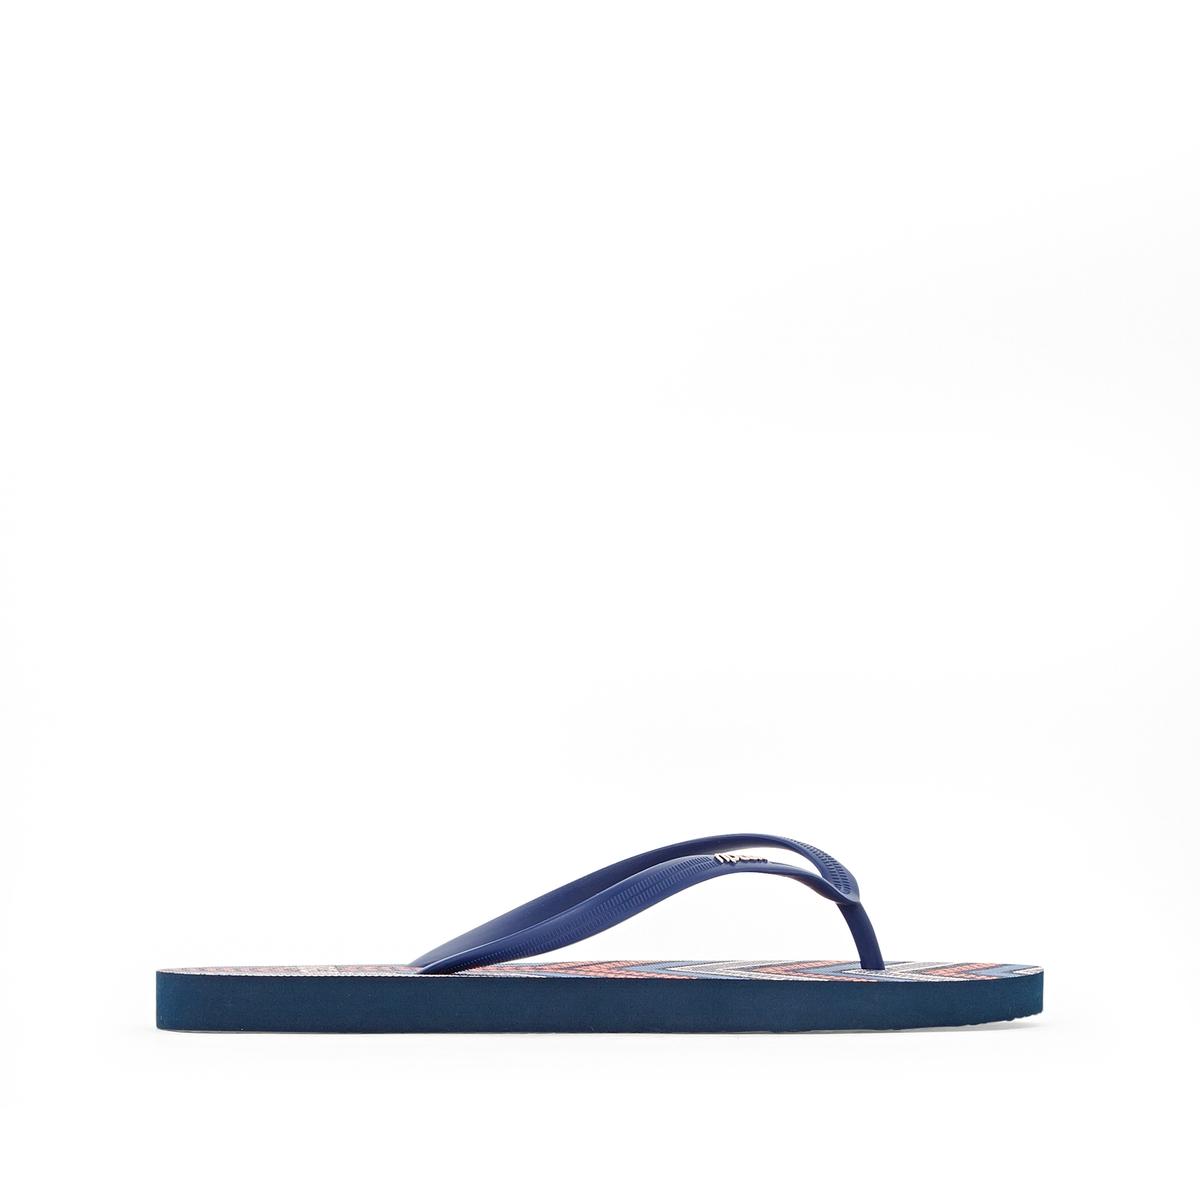 Вьетнамки EclpseВерх/Голенище : каучук       Стелька : синтетика     Подошва : каучук       Форма каблука : плоский каблук     Мысок : открытый мысок     Застежка : без застежки<br><br>Цвет: разноцветный<br>Размер: 40